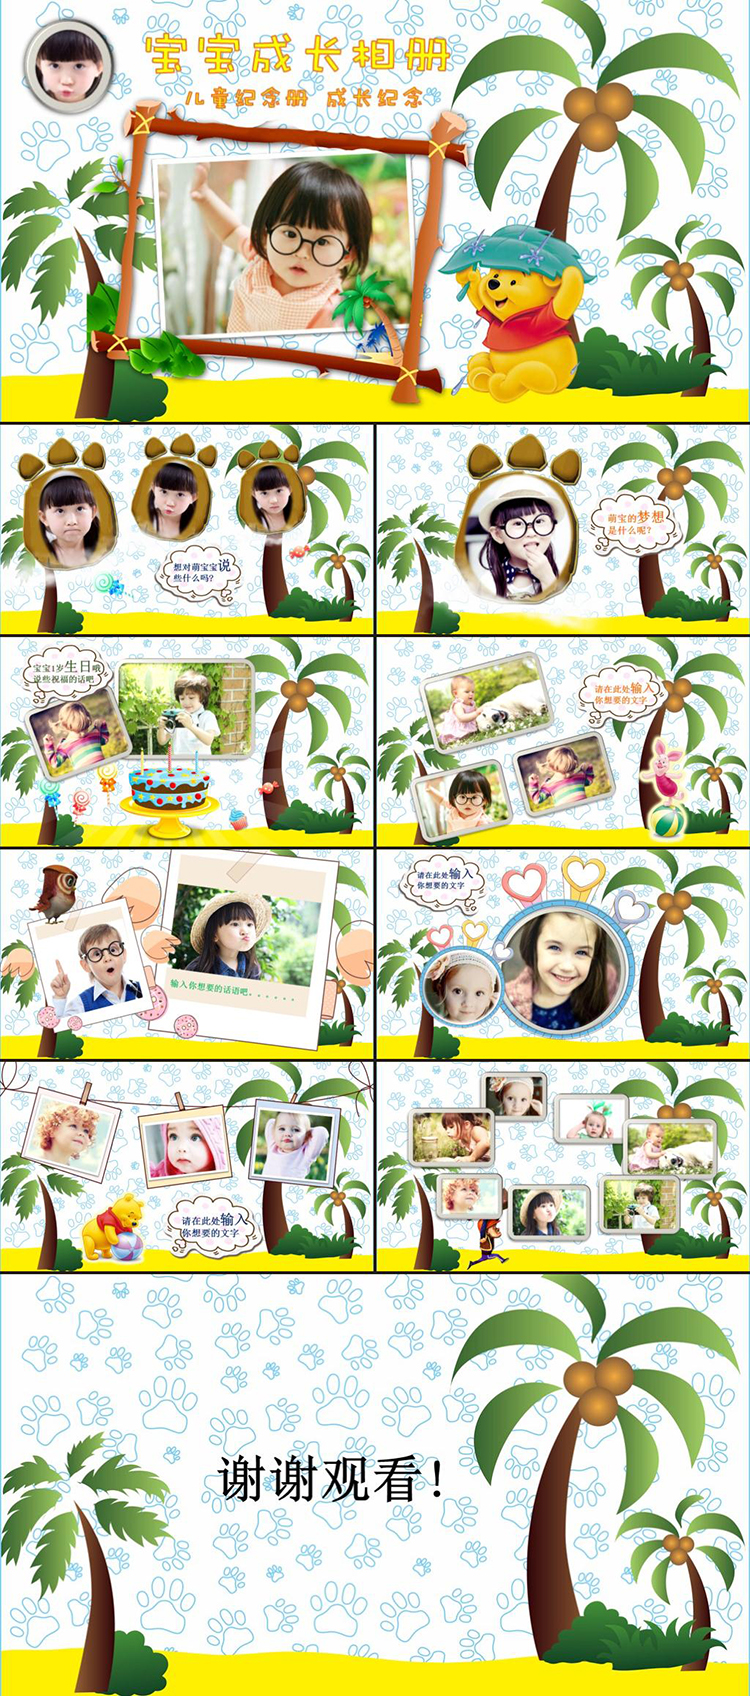 【电子相册ppt模板】可爱宝宝儿童成长记录成长相册.